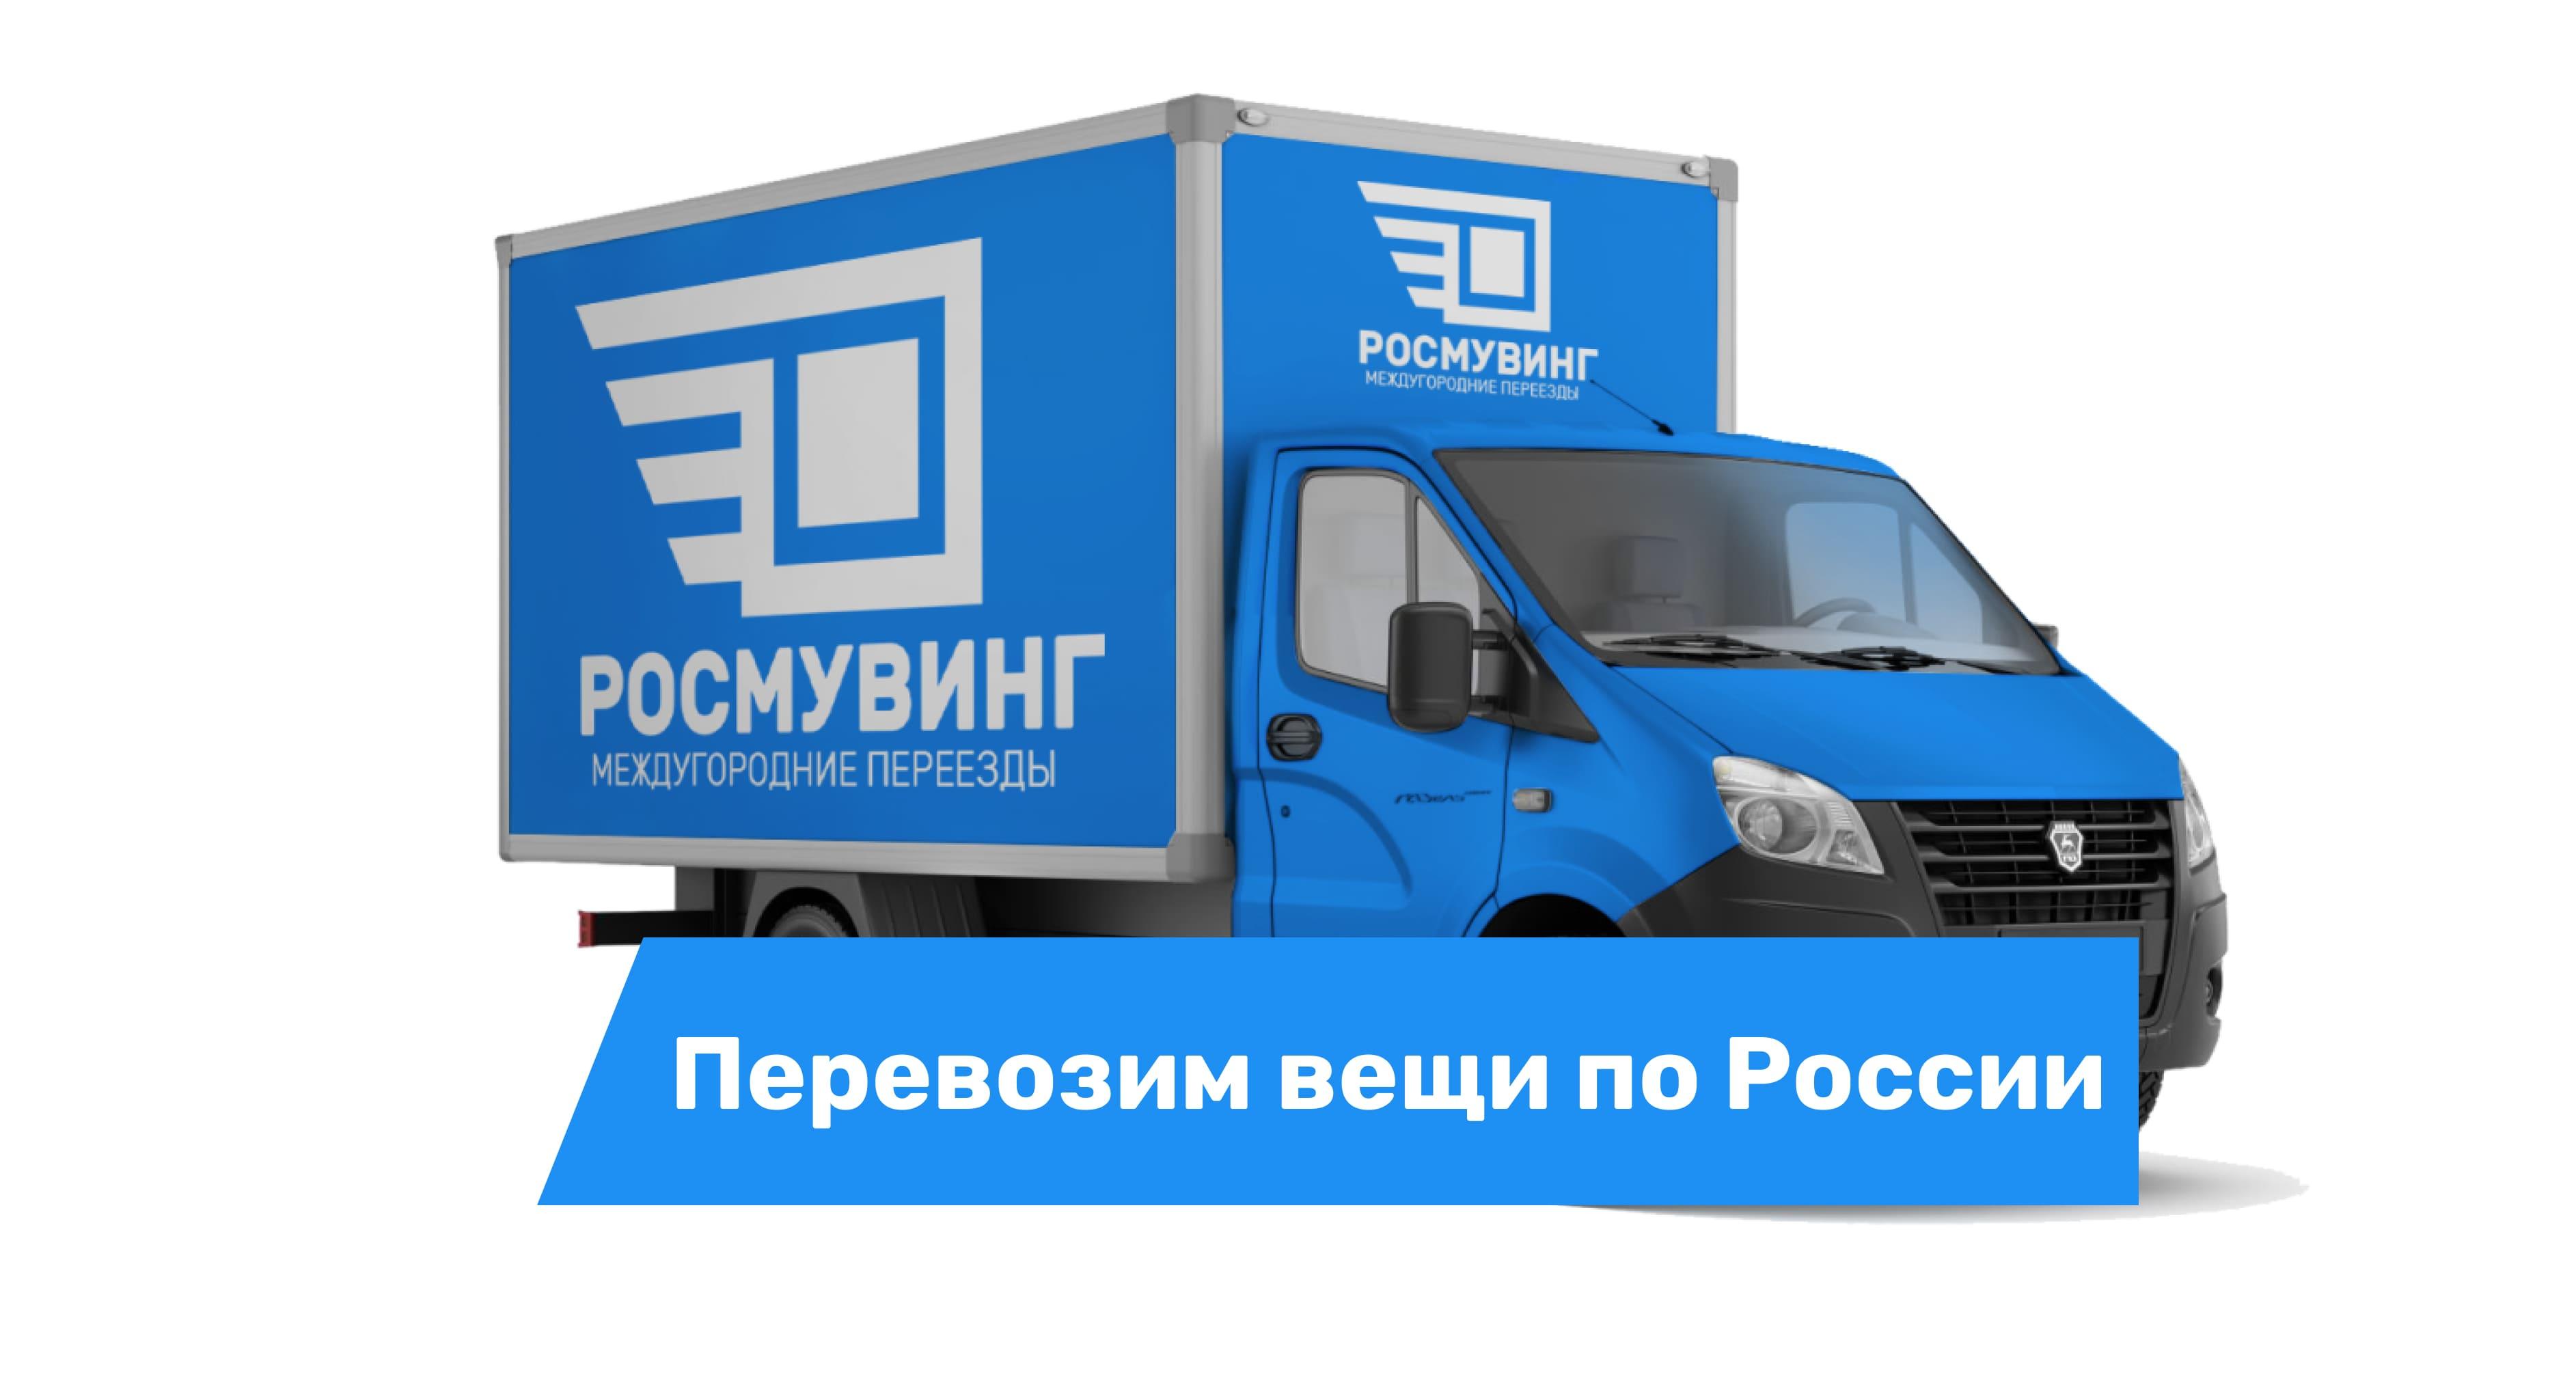 Квартирный переезд с грузчиками по России популярная услуга в ТК РосМувинг, ежедневно, мы перевозим наших соотечественников по всей России, от Сахалина до Калининграда.